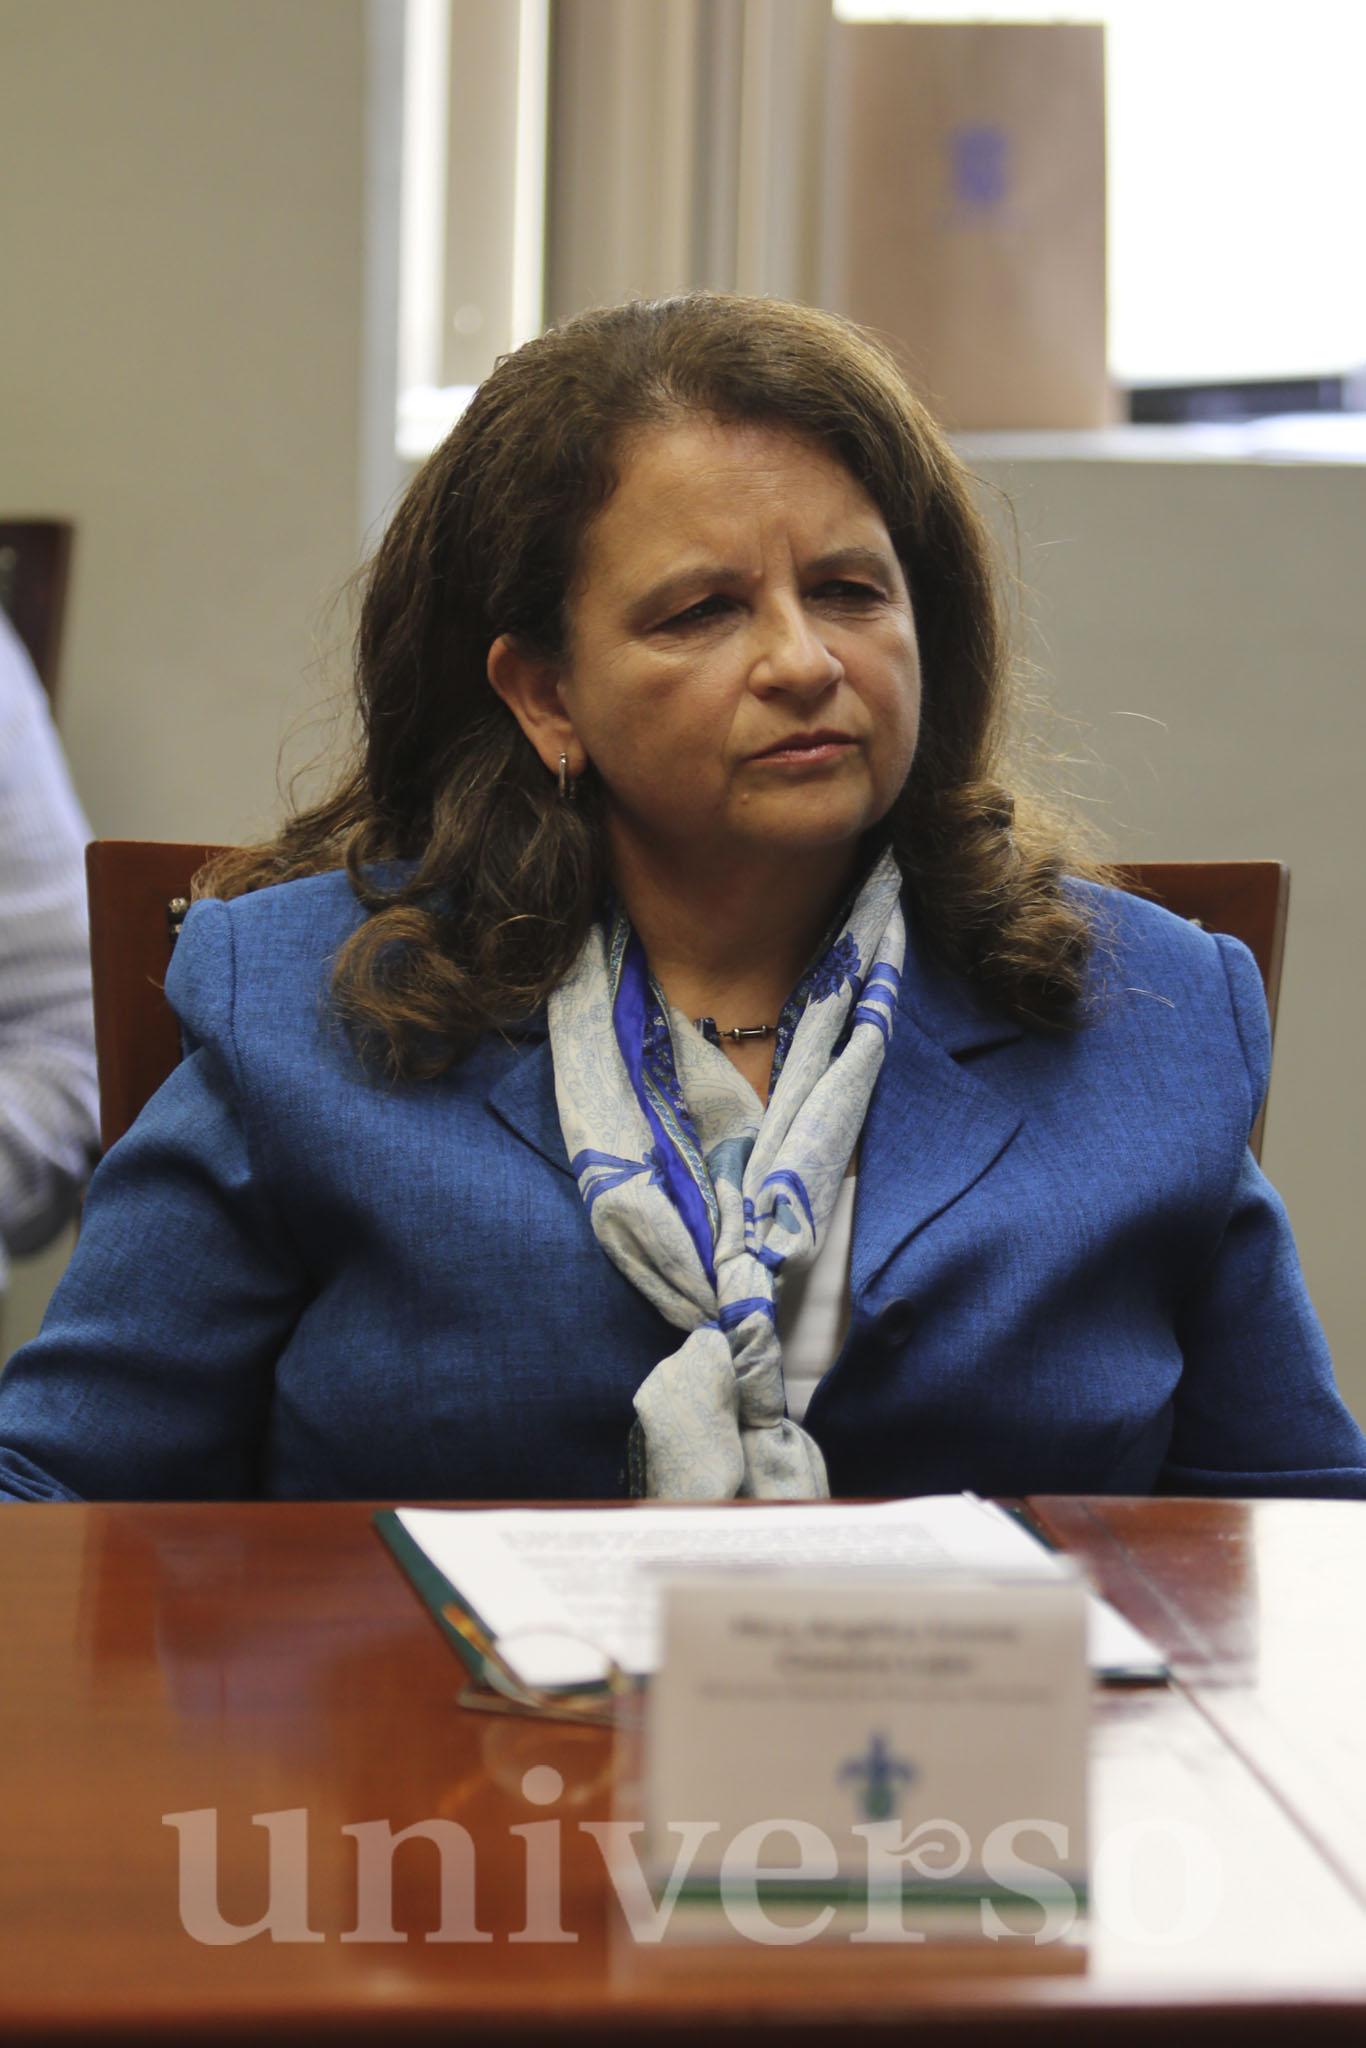 Angelica Lujan